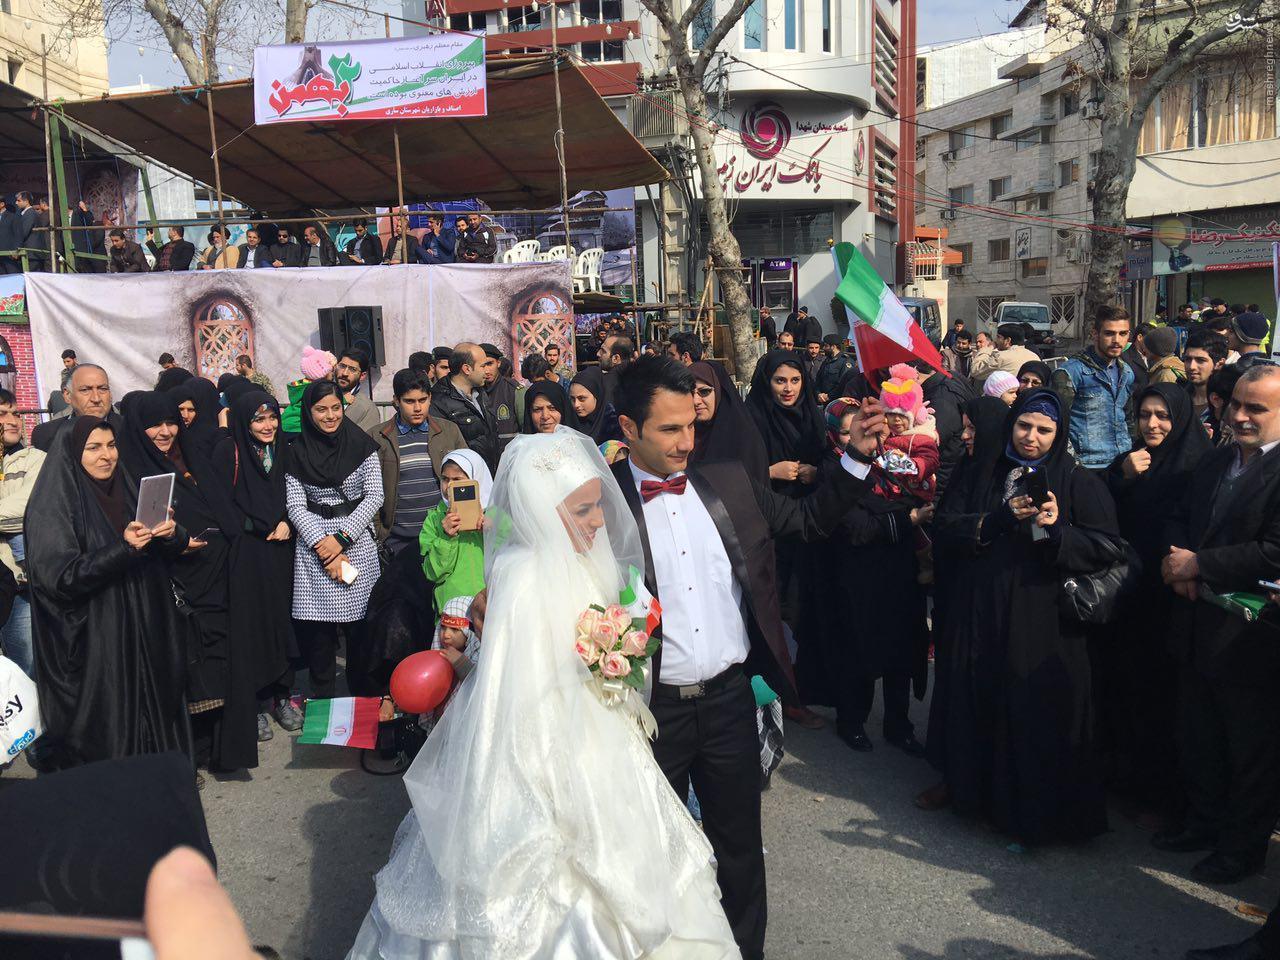 عکس/ شرکت در راهپیمایی با لباس عروسی